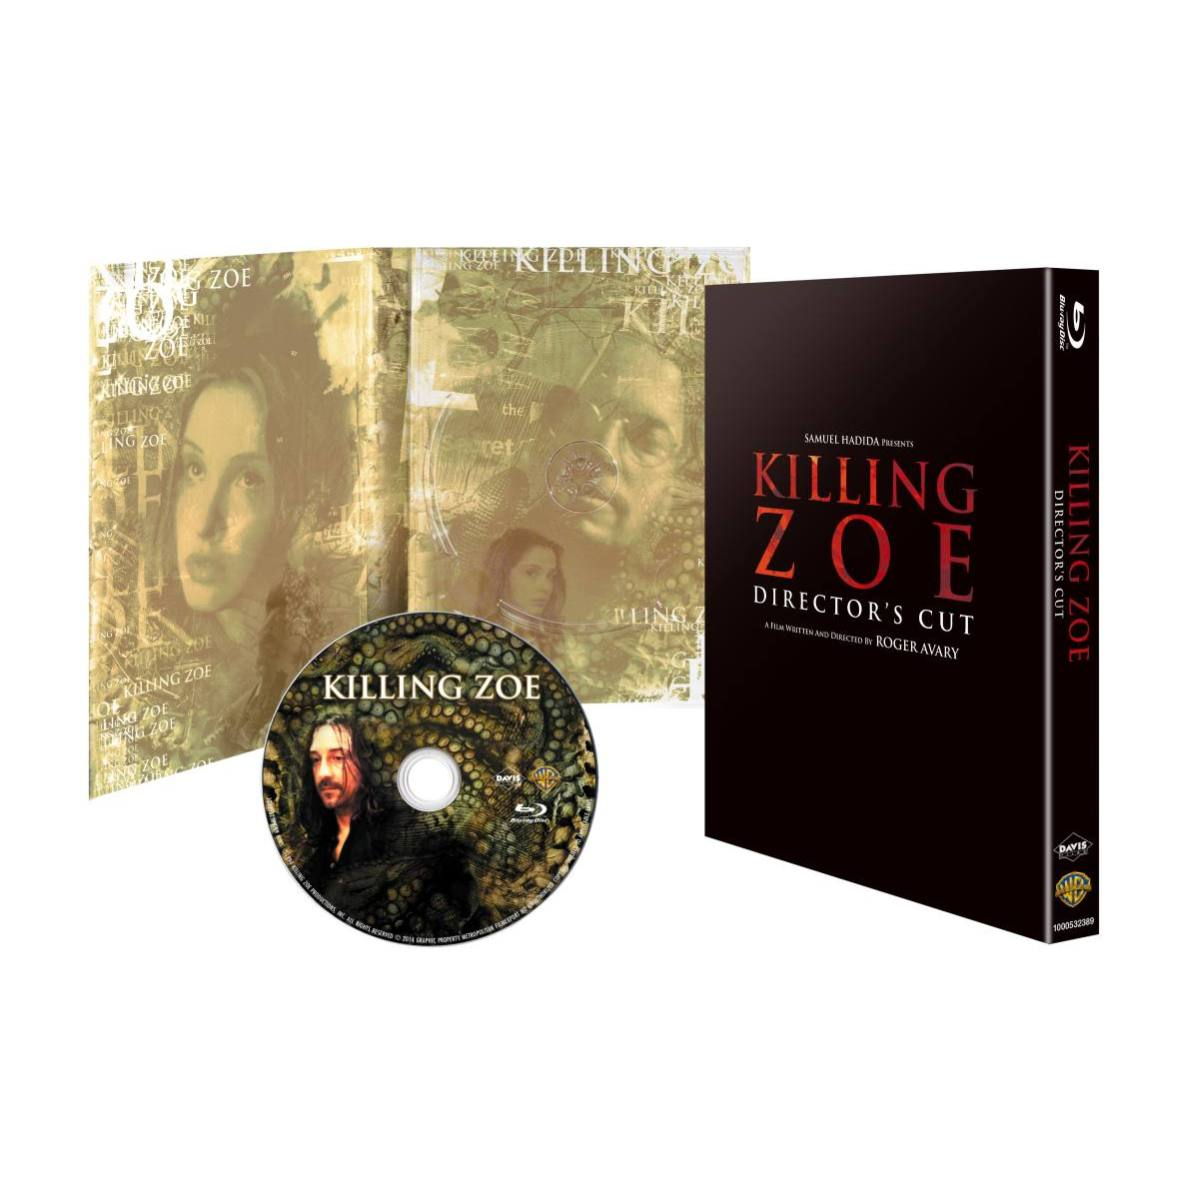 【初回限定生産】キリング・ゾーイ ディレクターズカット版 ブルーレイ[1000532389][Blu-ray/ブルーレイ] 製品画像